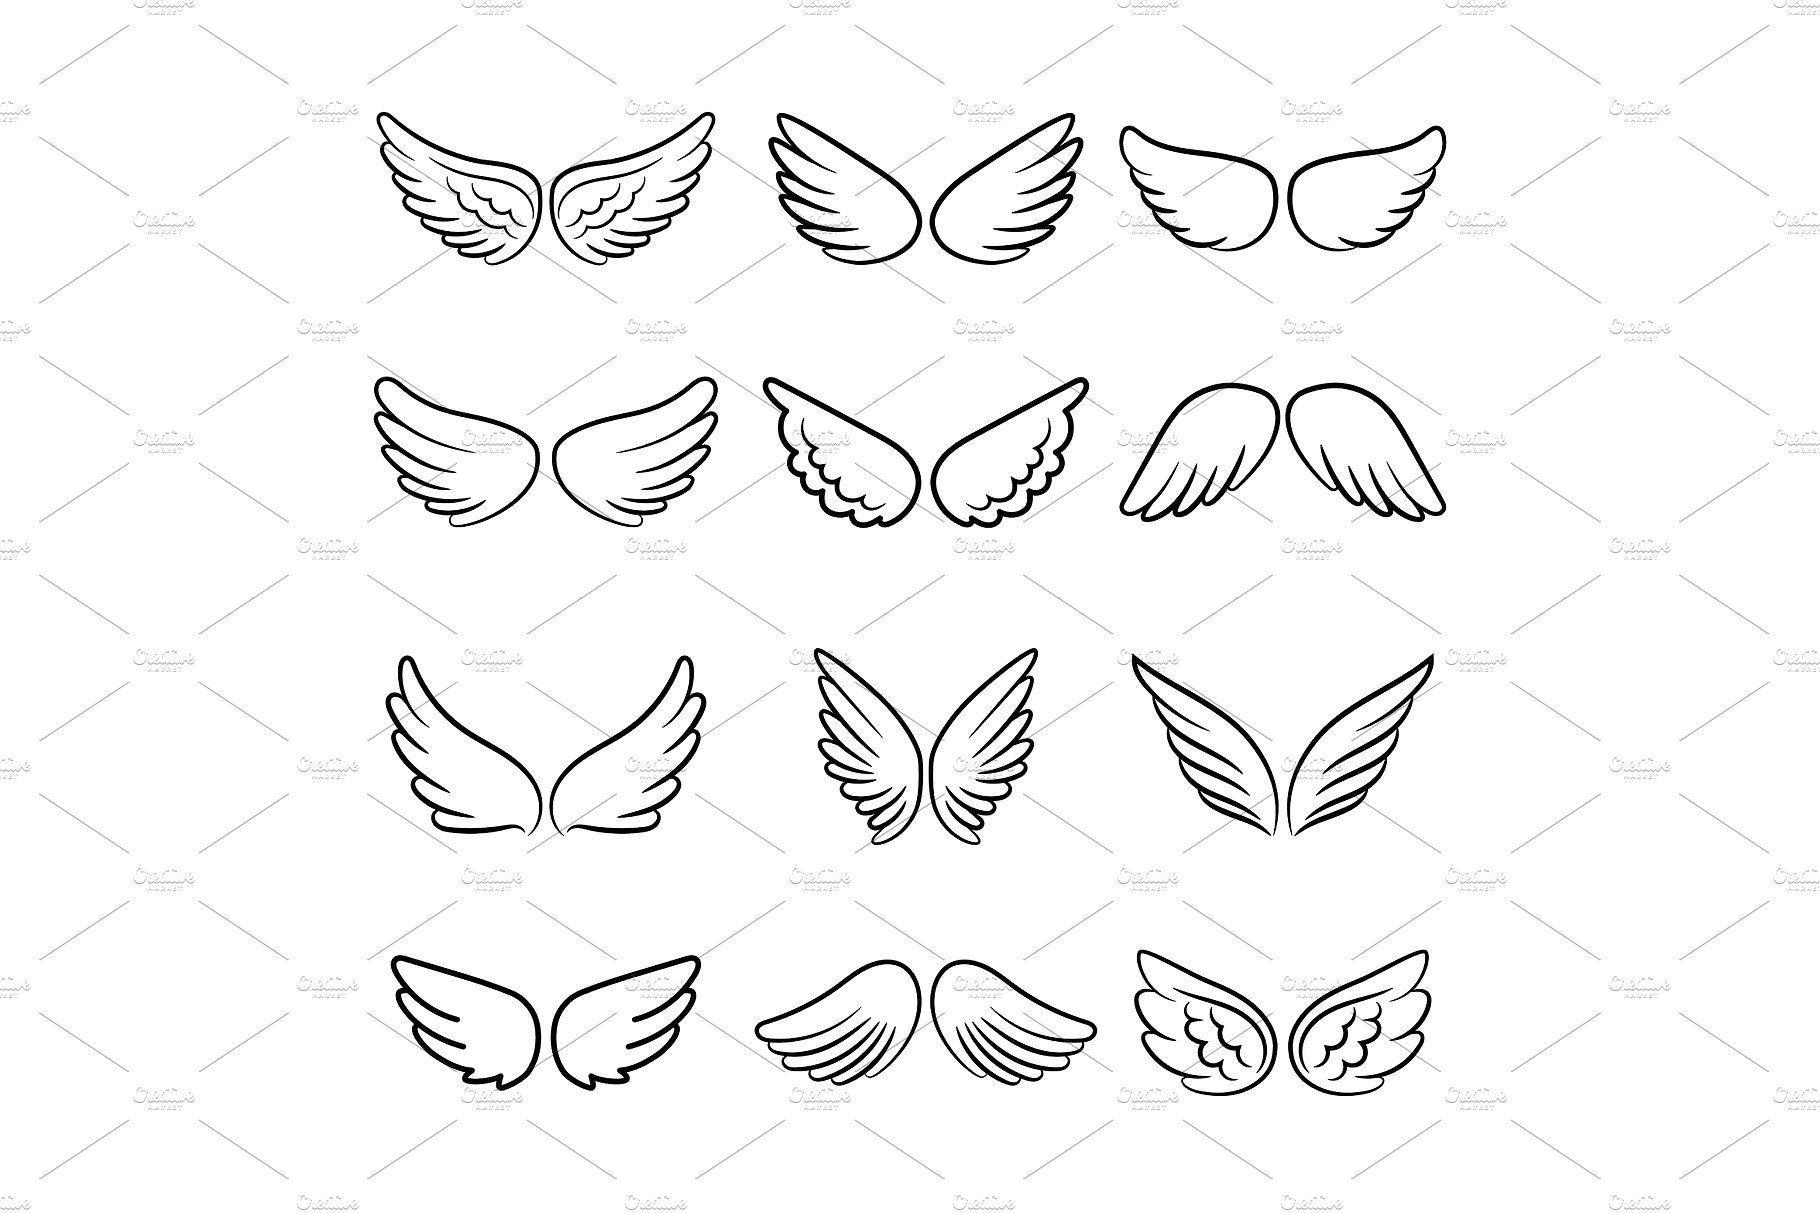 Niedliche Engelsflügel gesetzt # Flügel # Engel # isoliert # gesetzt